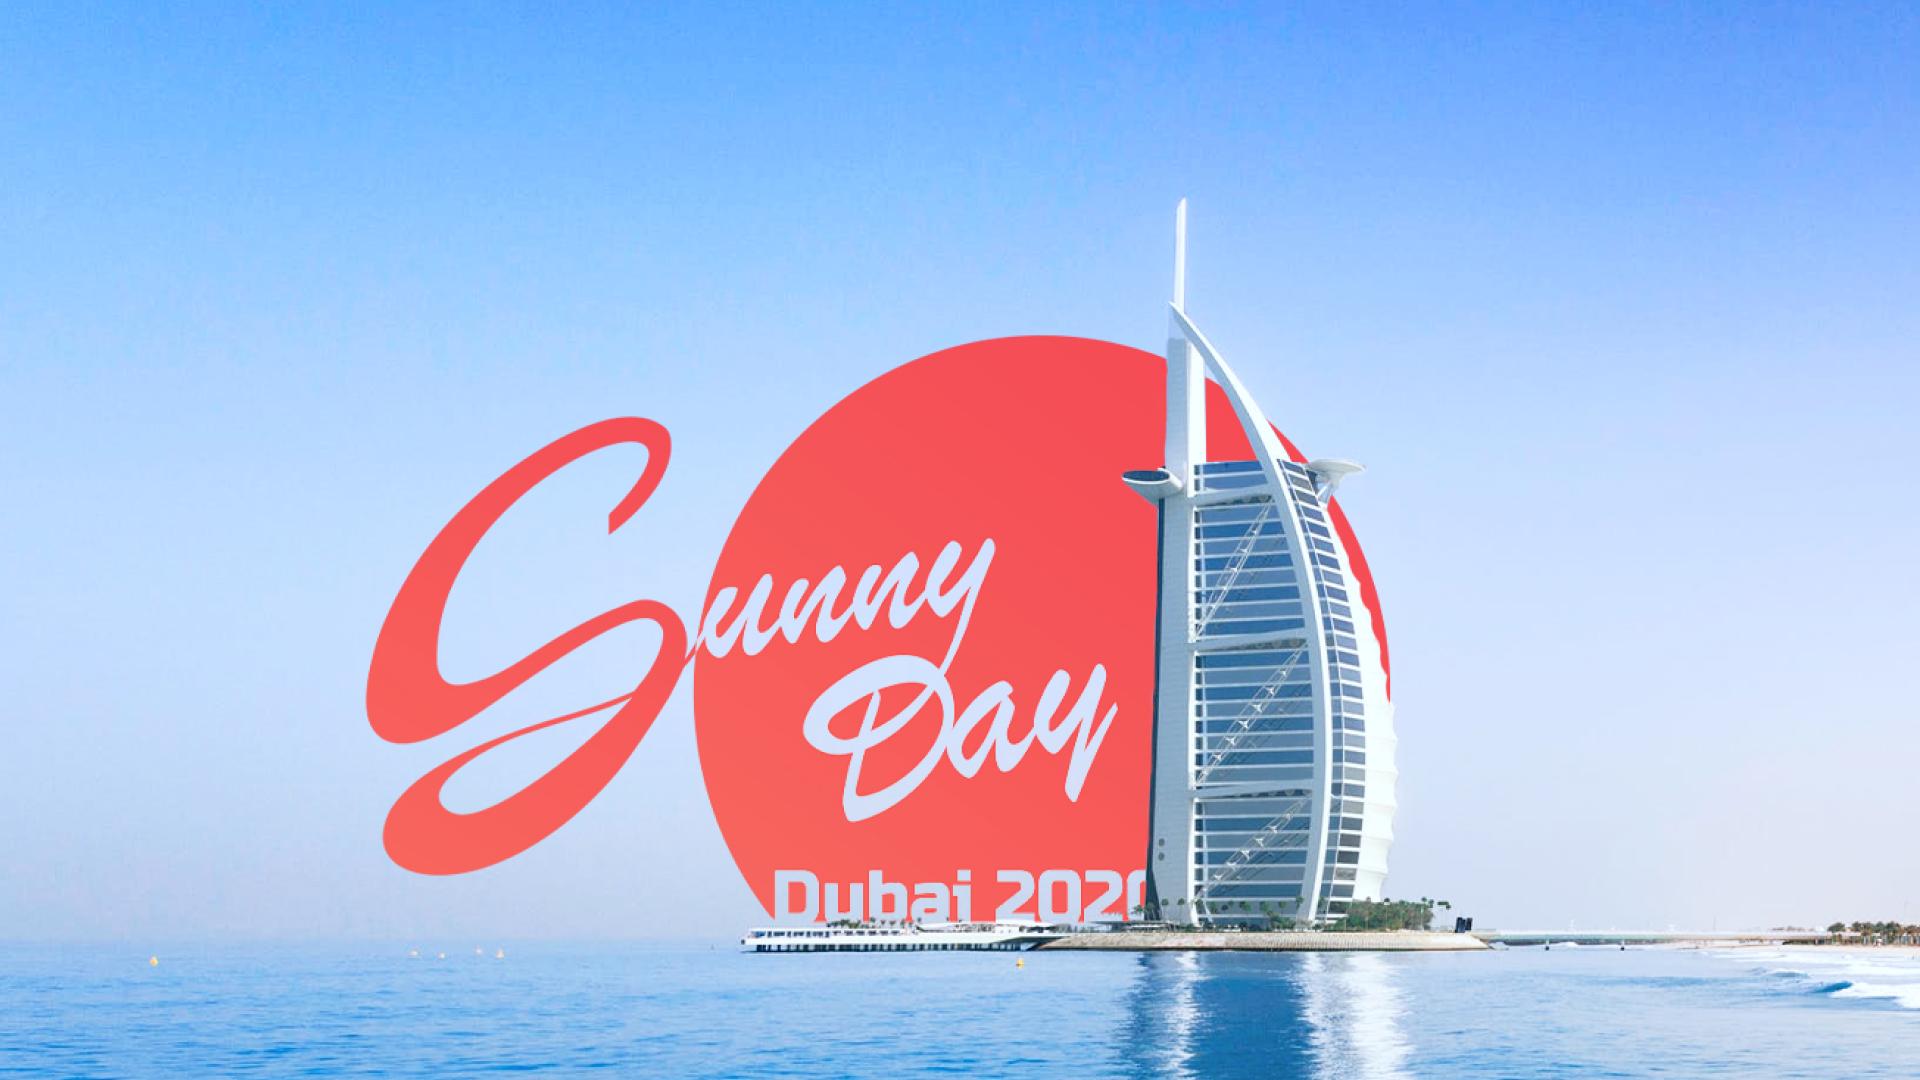 Международный проект Венера, сообщество Amir Partners и креативная лаборатория Snark.art встречаются в Дубай